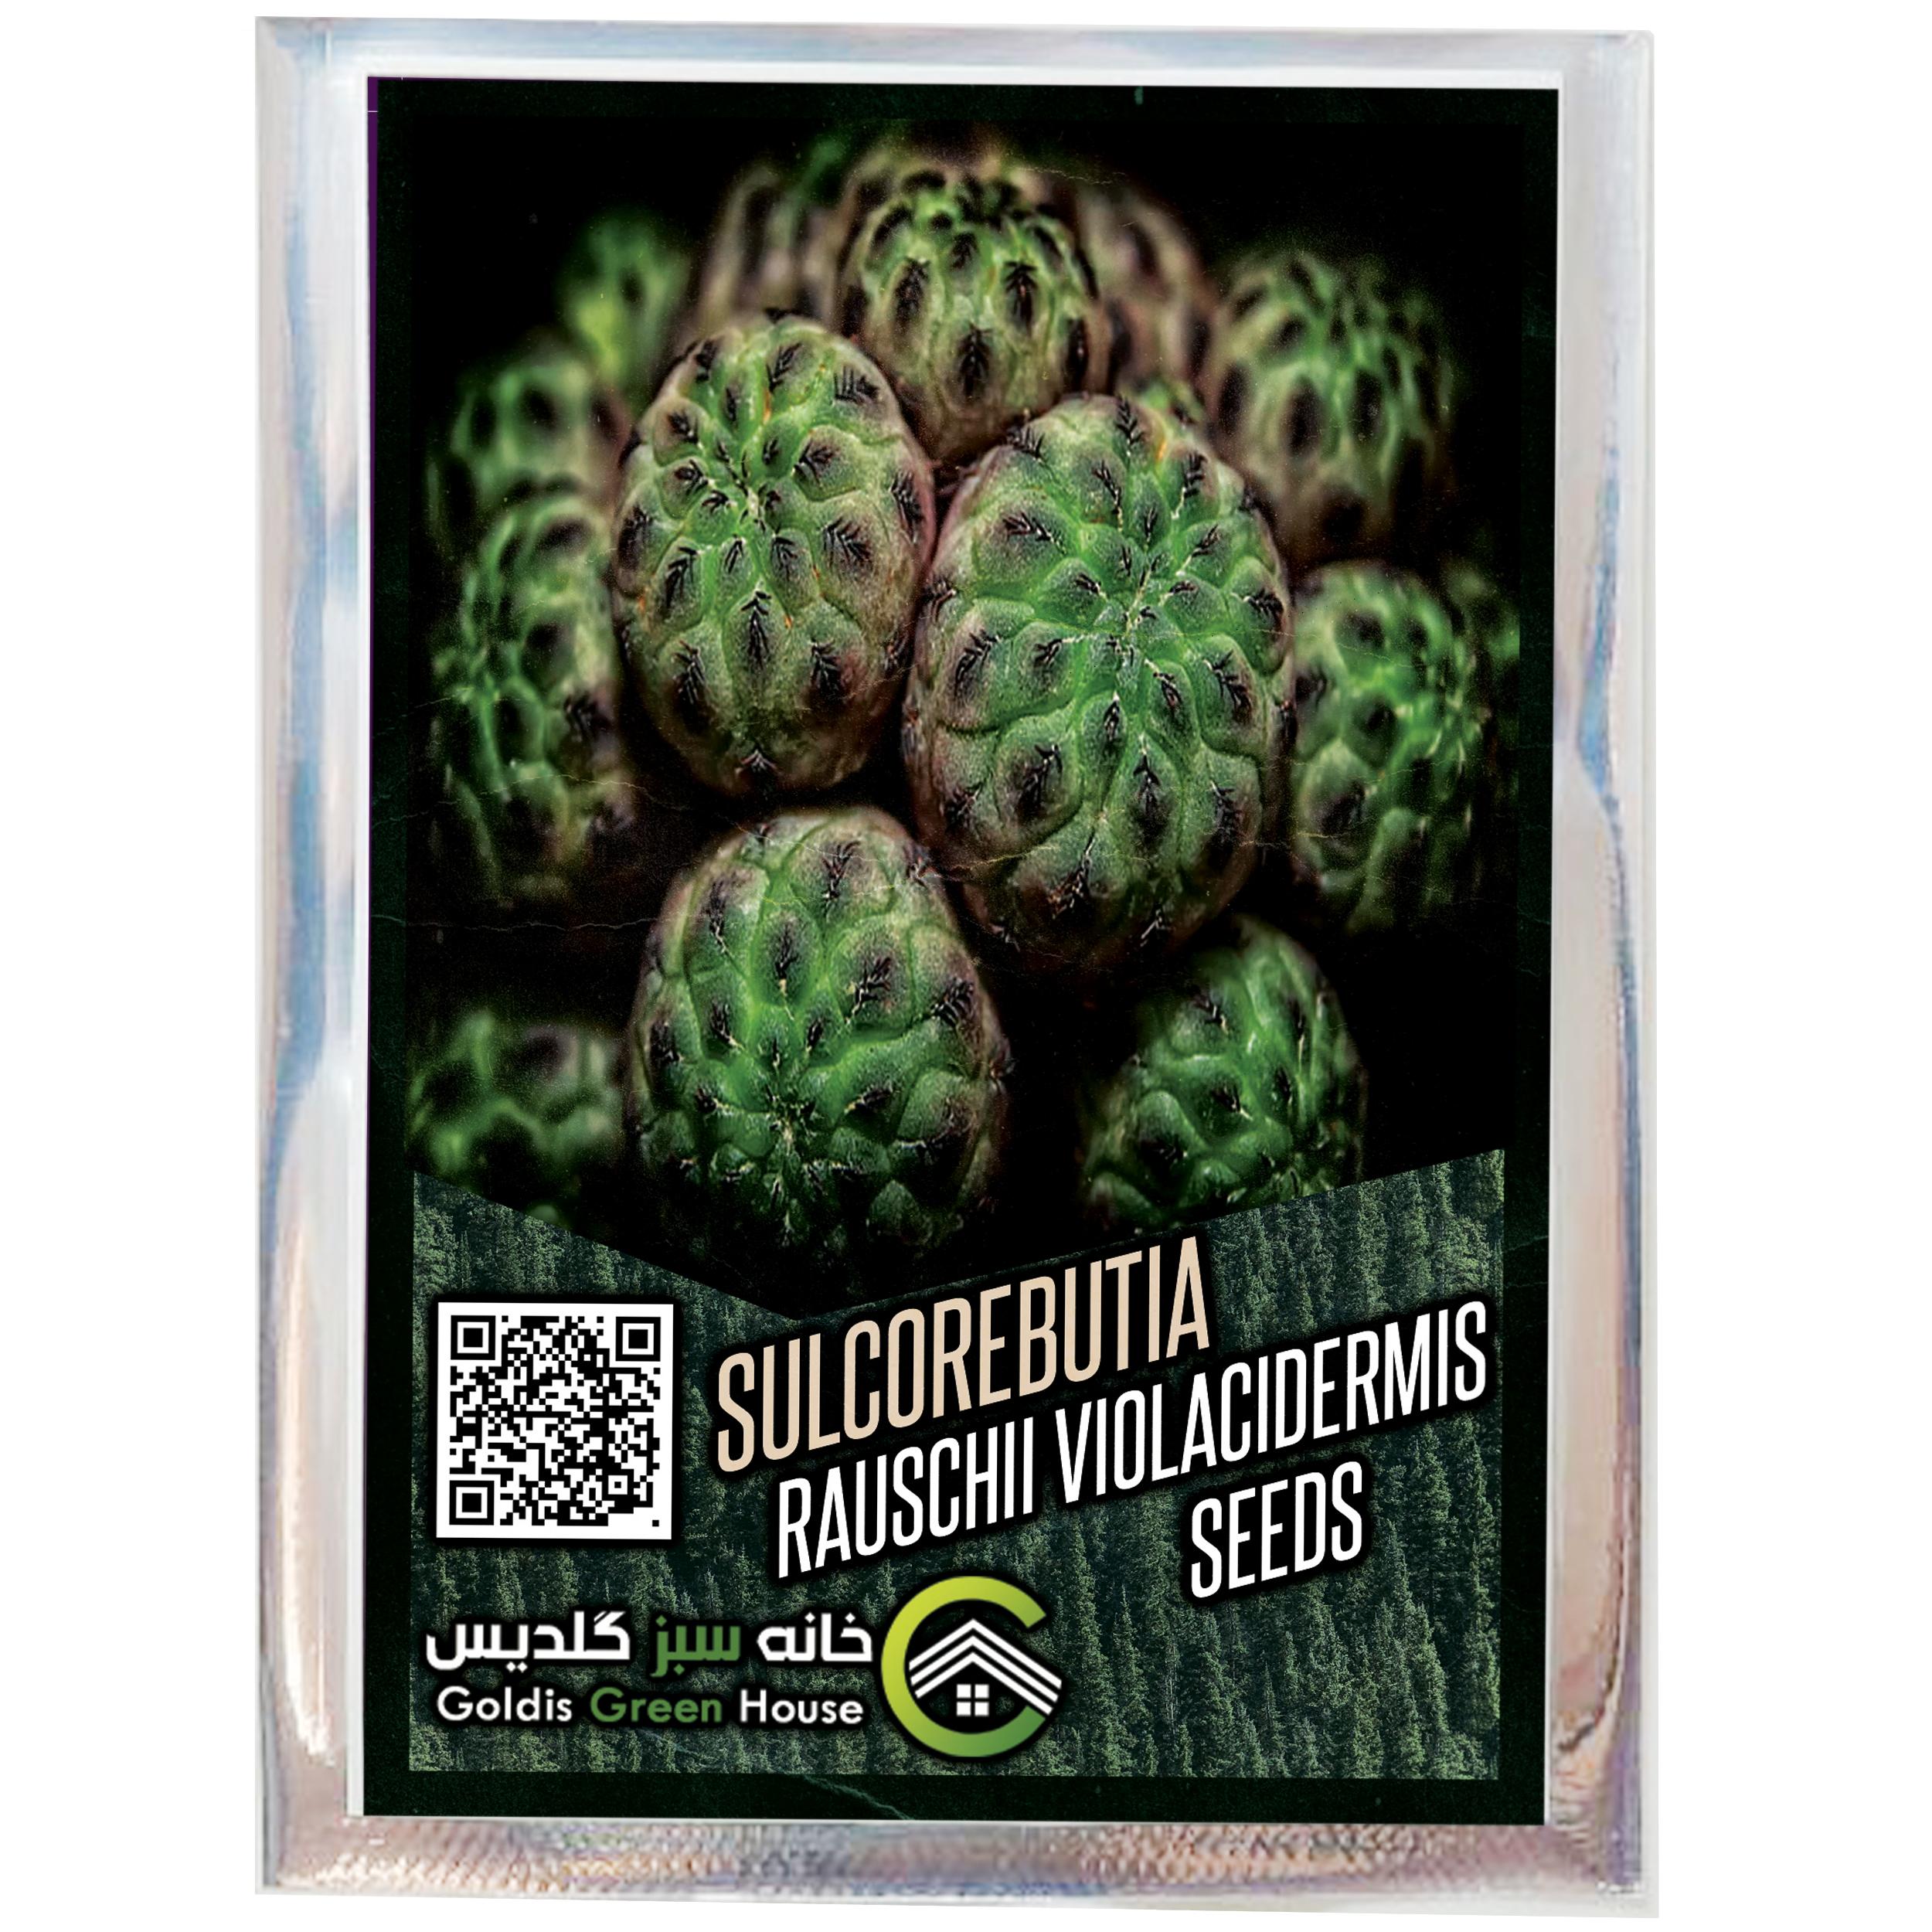 بذر کاکتوس سولکوربونیا راوچی خانه سبز گلدیس کد 37